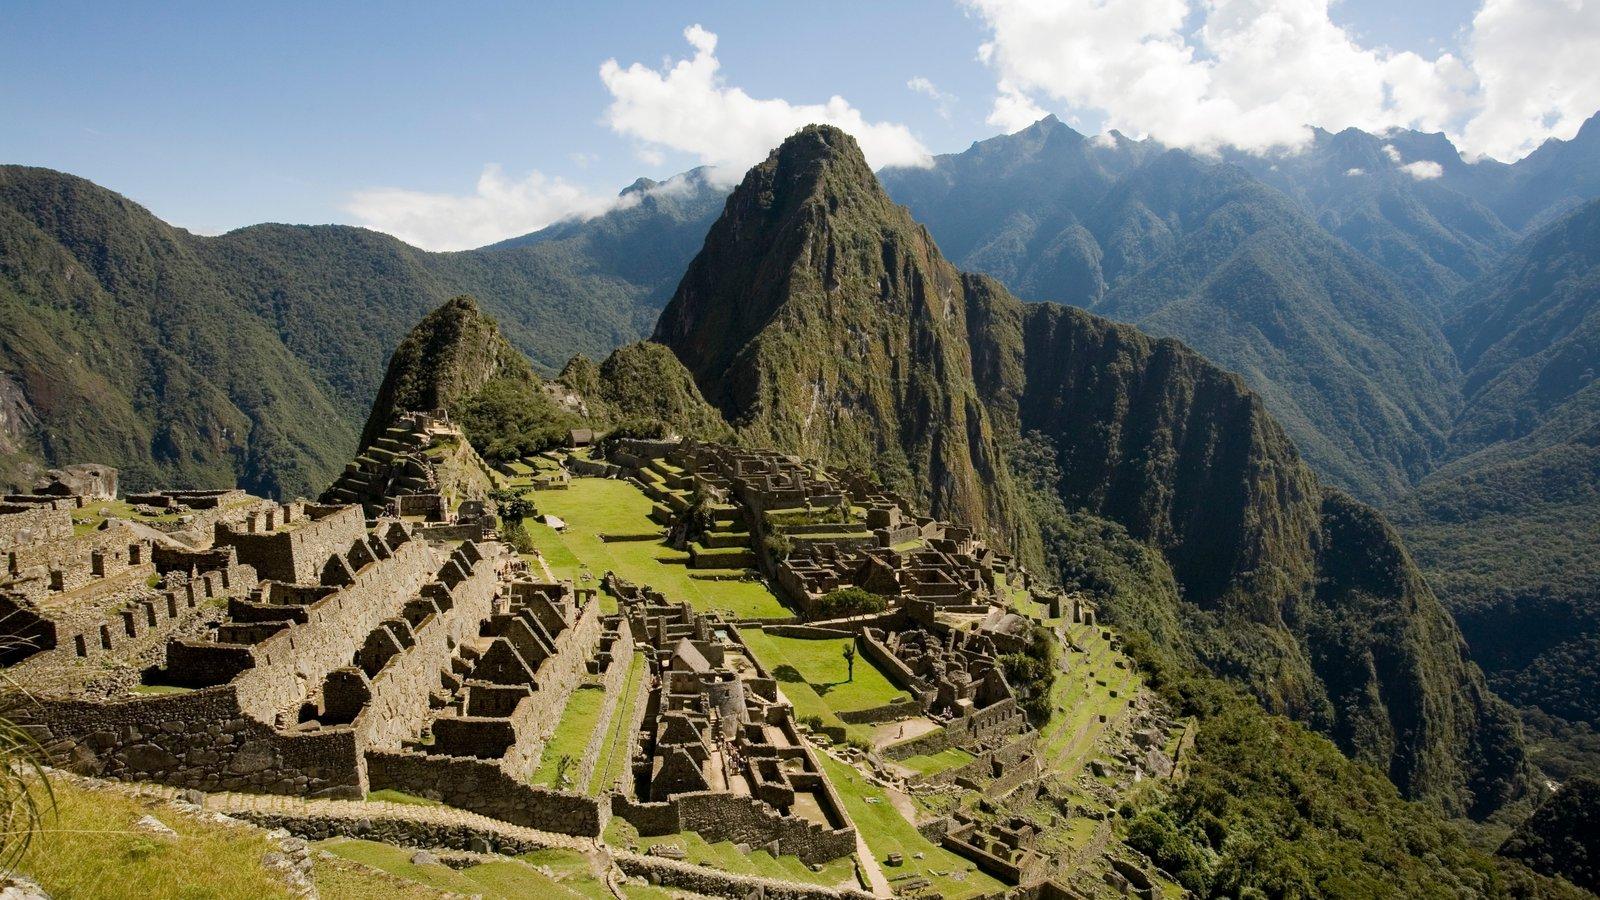 Huayna Picchu mostrando montanhas, cenas tranquilas e elementos de patrimônio